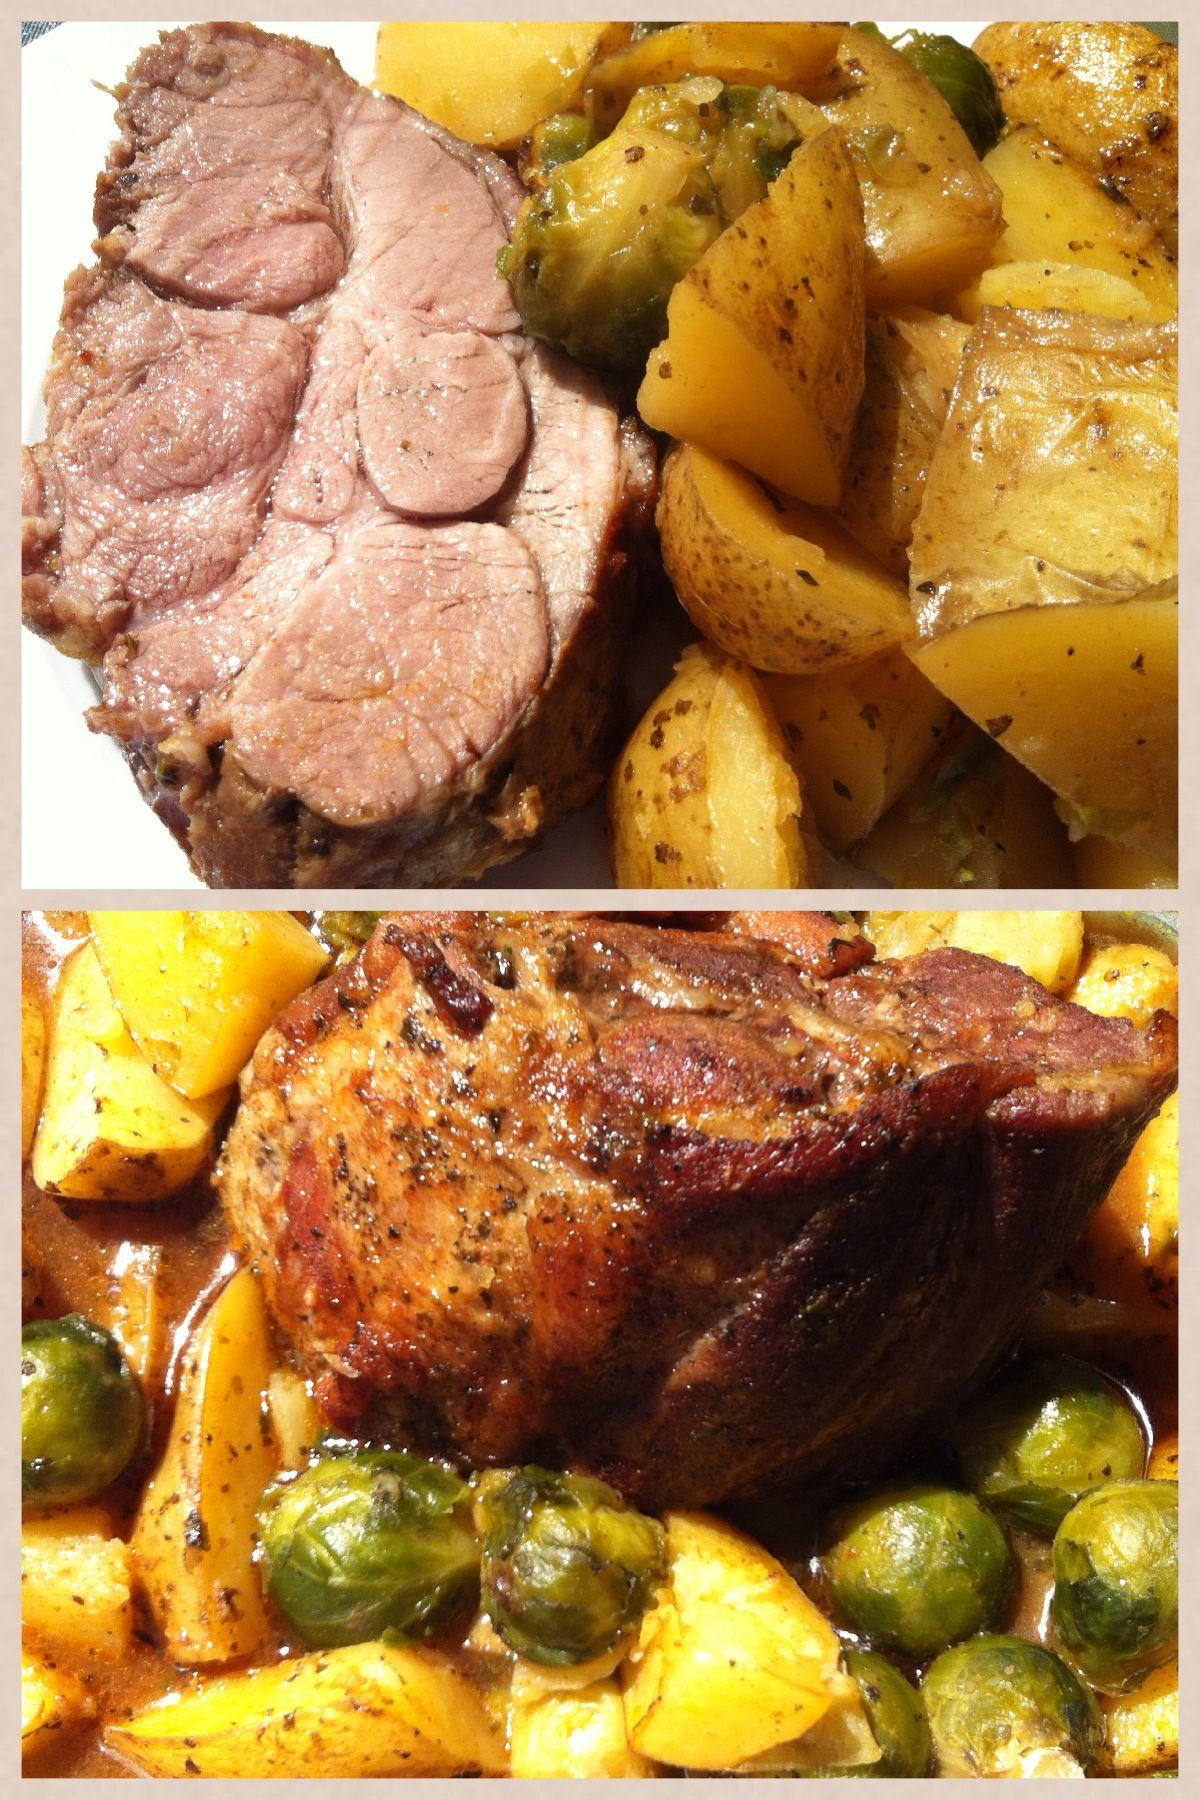 Kartoffel-Bratl, bayrischer Schweinsbraten mit Kartoffeln  Www.manufaktur-Blessing.de